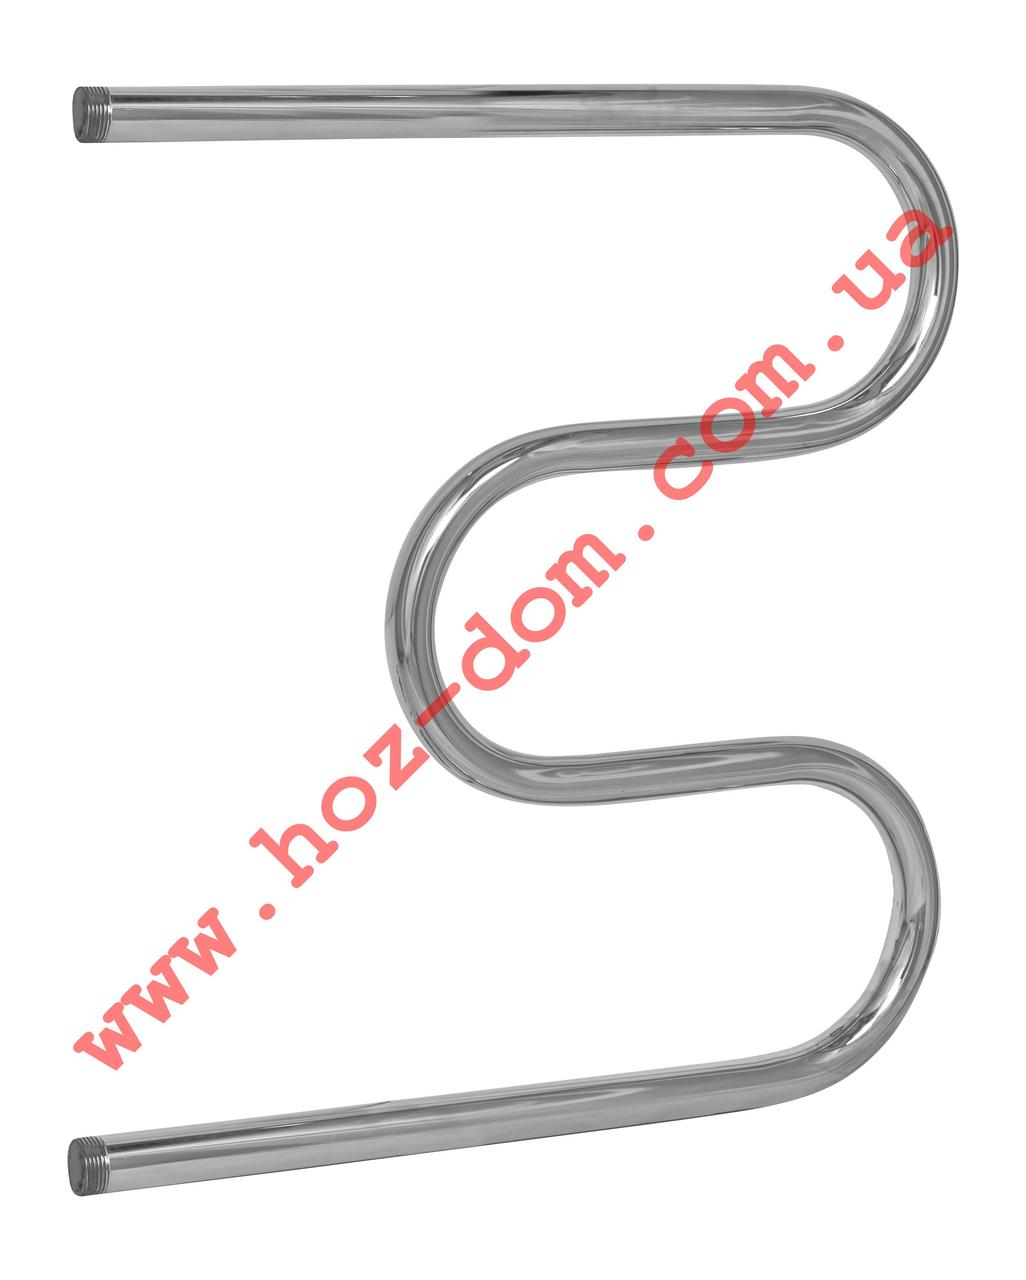 Змеевик Аквакомфорт 600*600- 3 колена 3мм нерж.